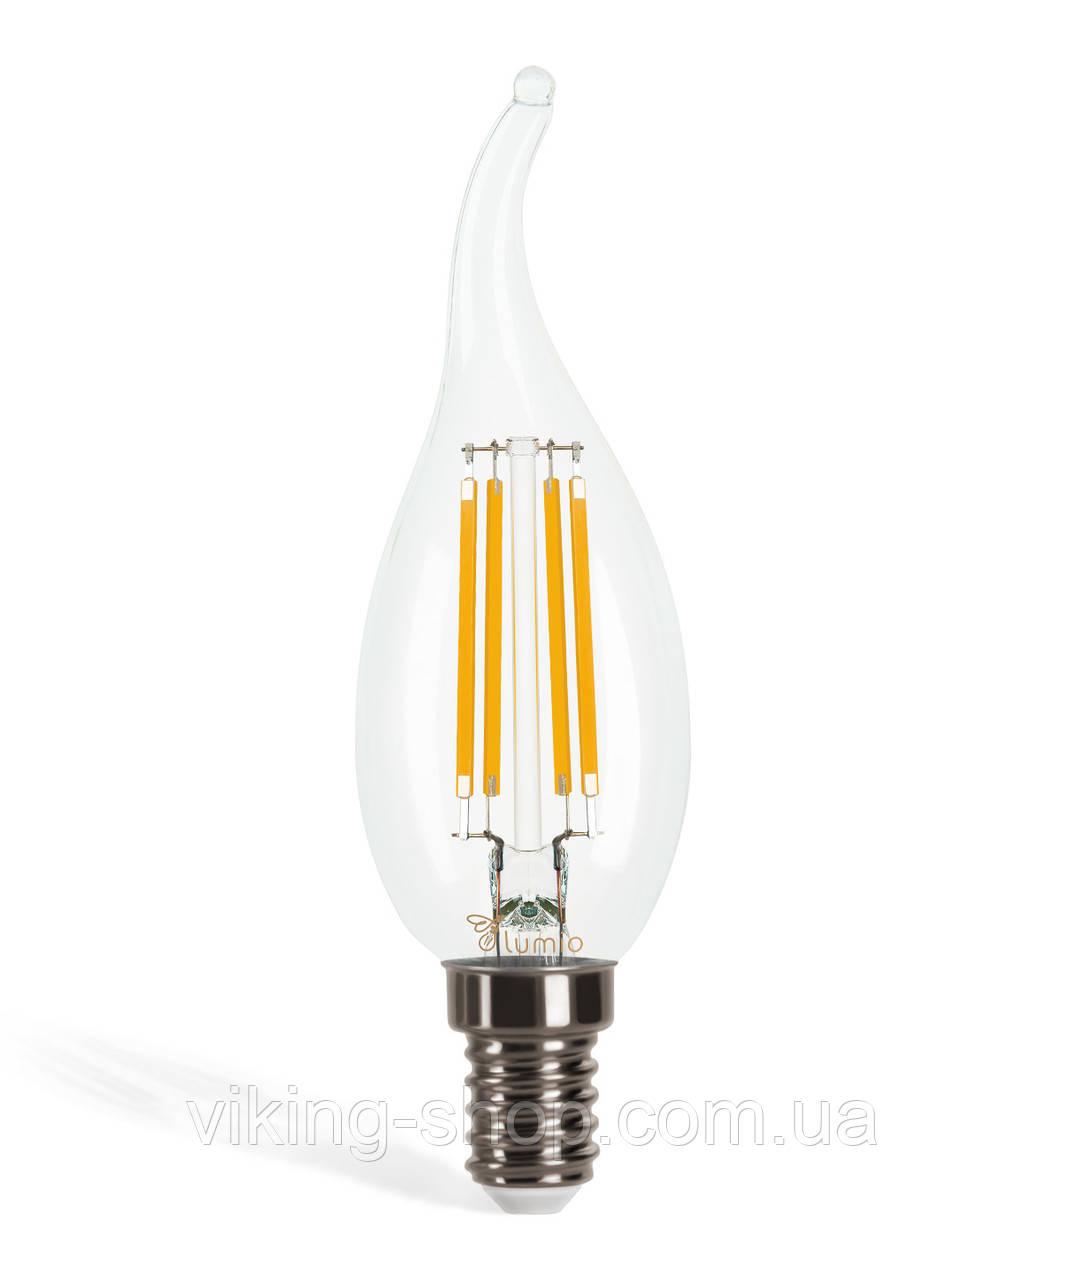 LED лампа LED филамент 4W, 470lm, Мягкий свет, E14, F35